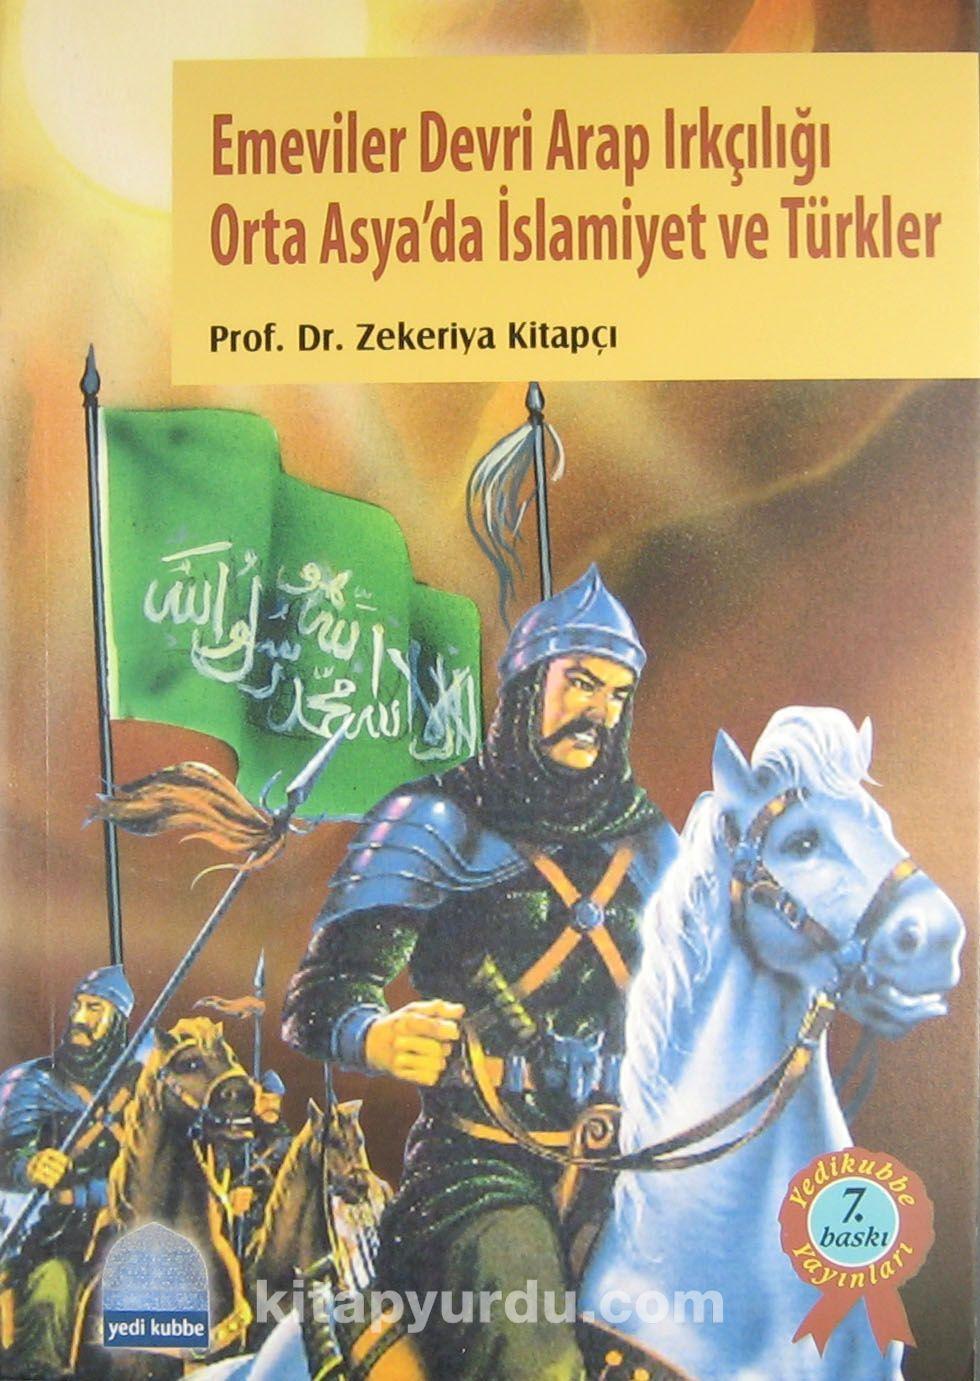 Emeviler Devri Arap Irkçılığı & Orta Asya'da İslamiyet ve Türkler